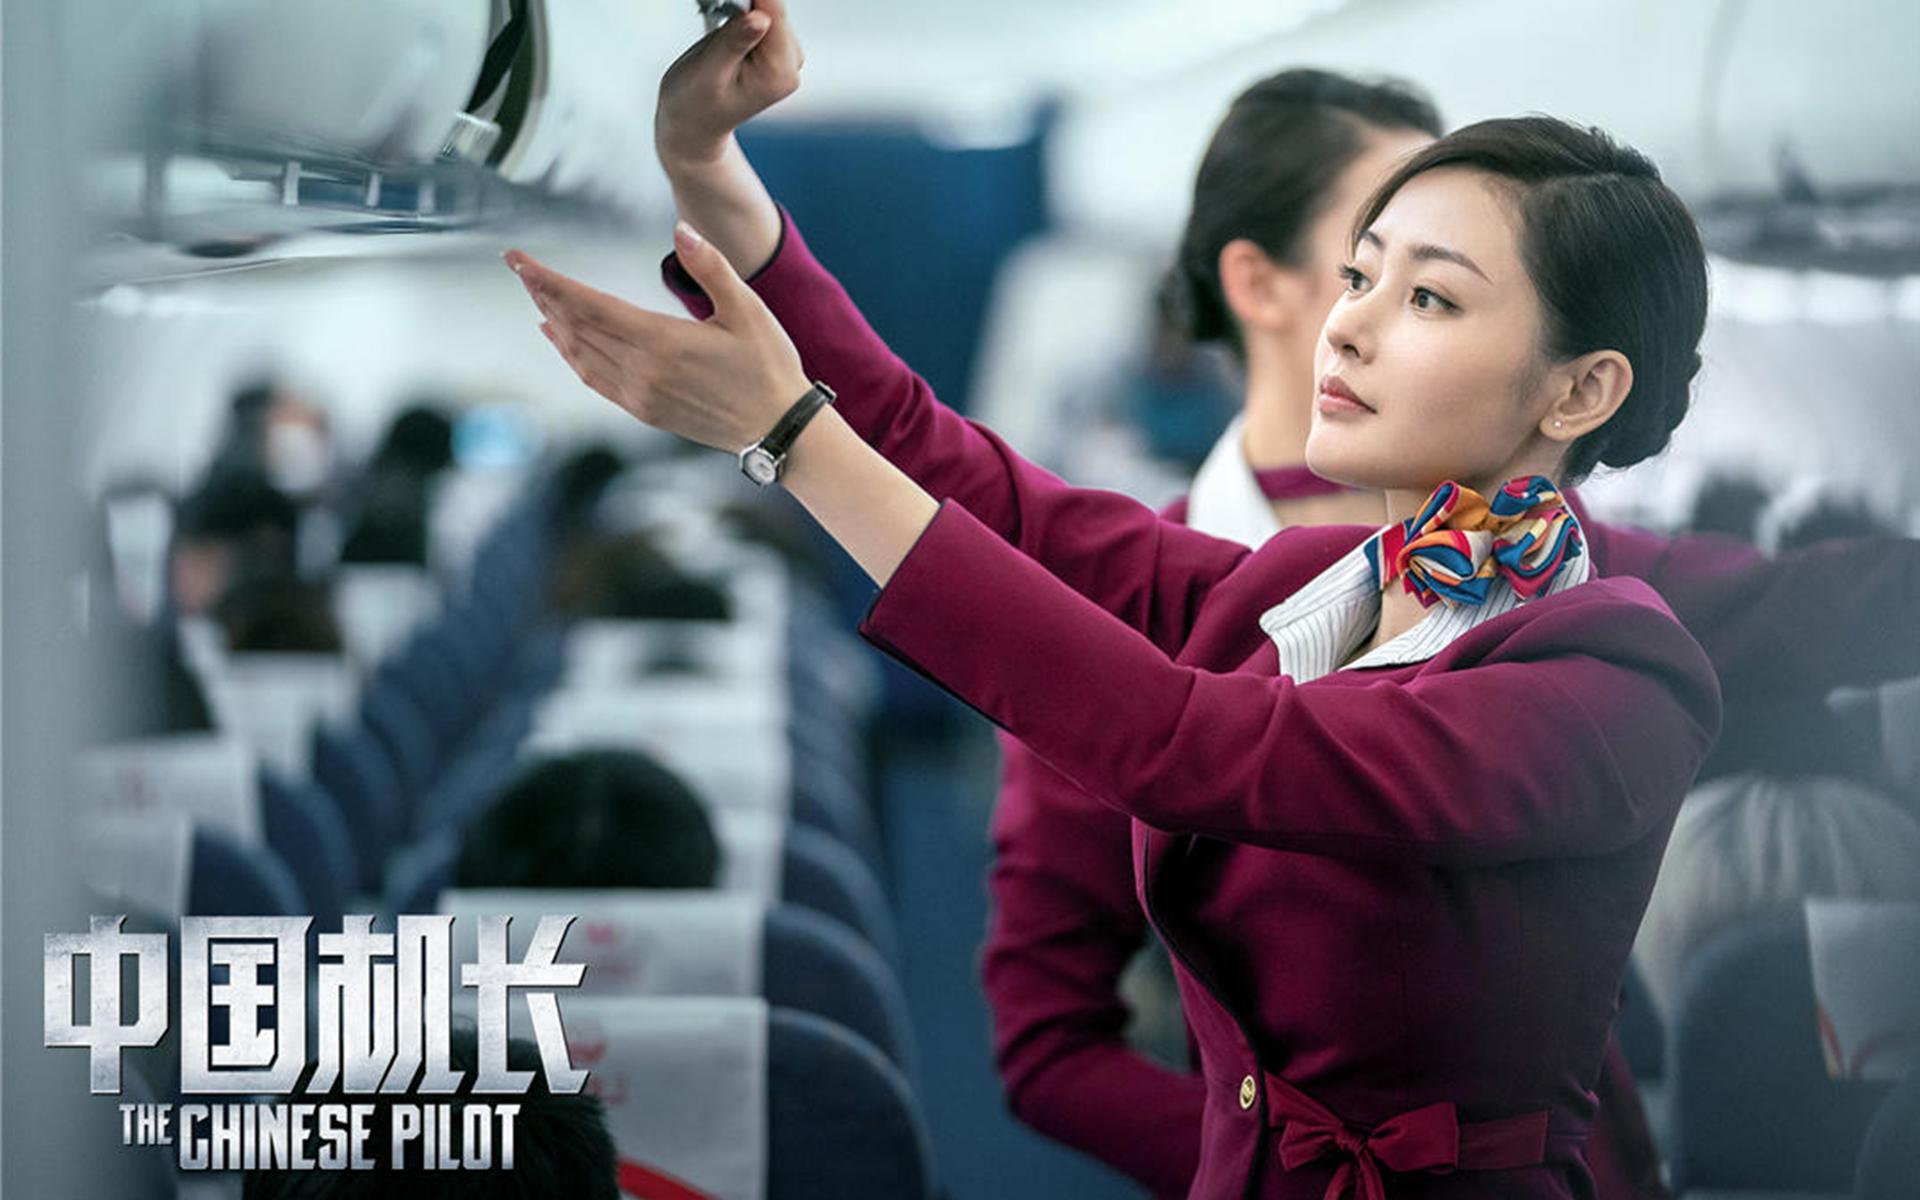 张涵予《中国机长》影视剧照图片